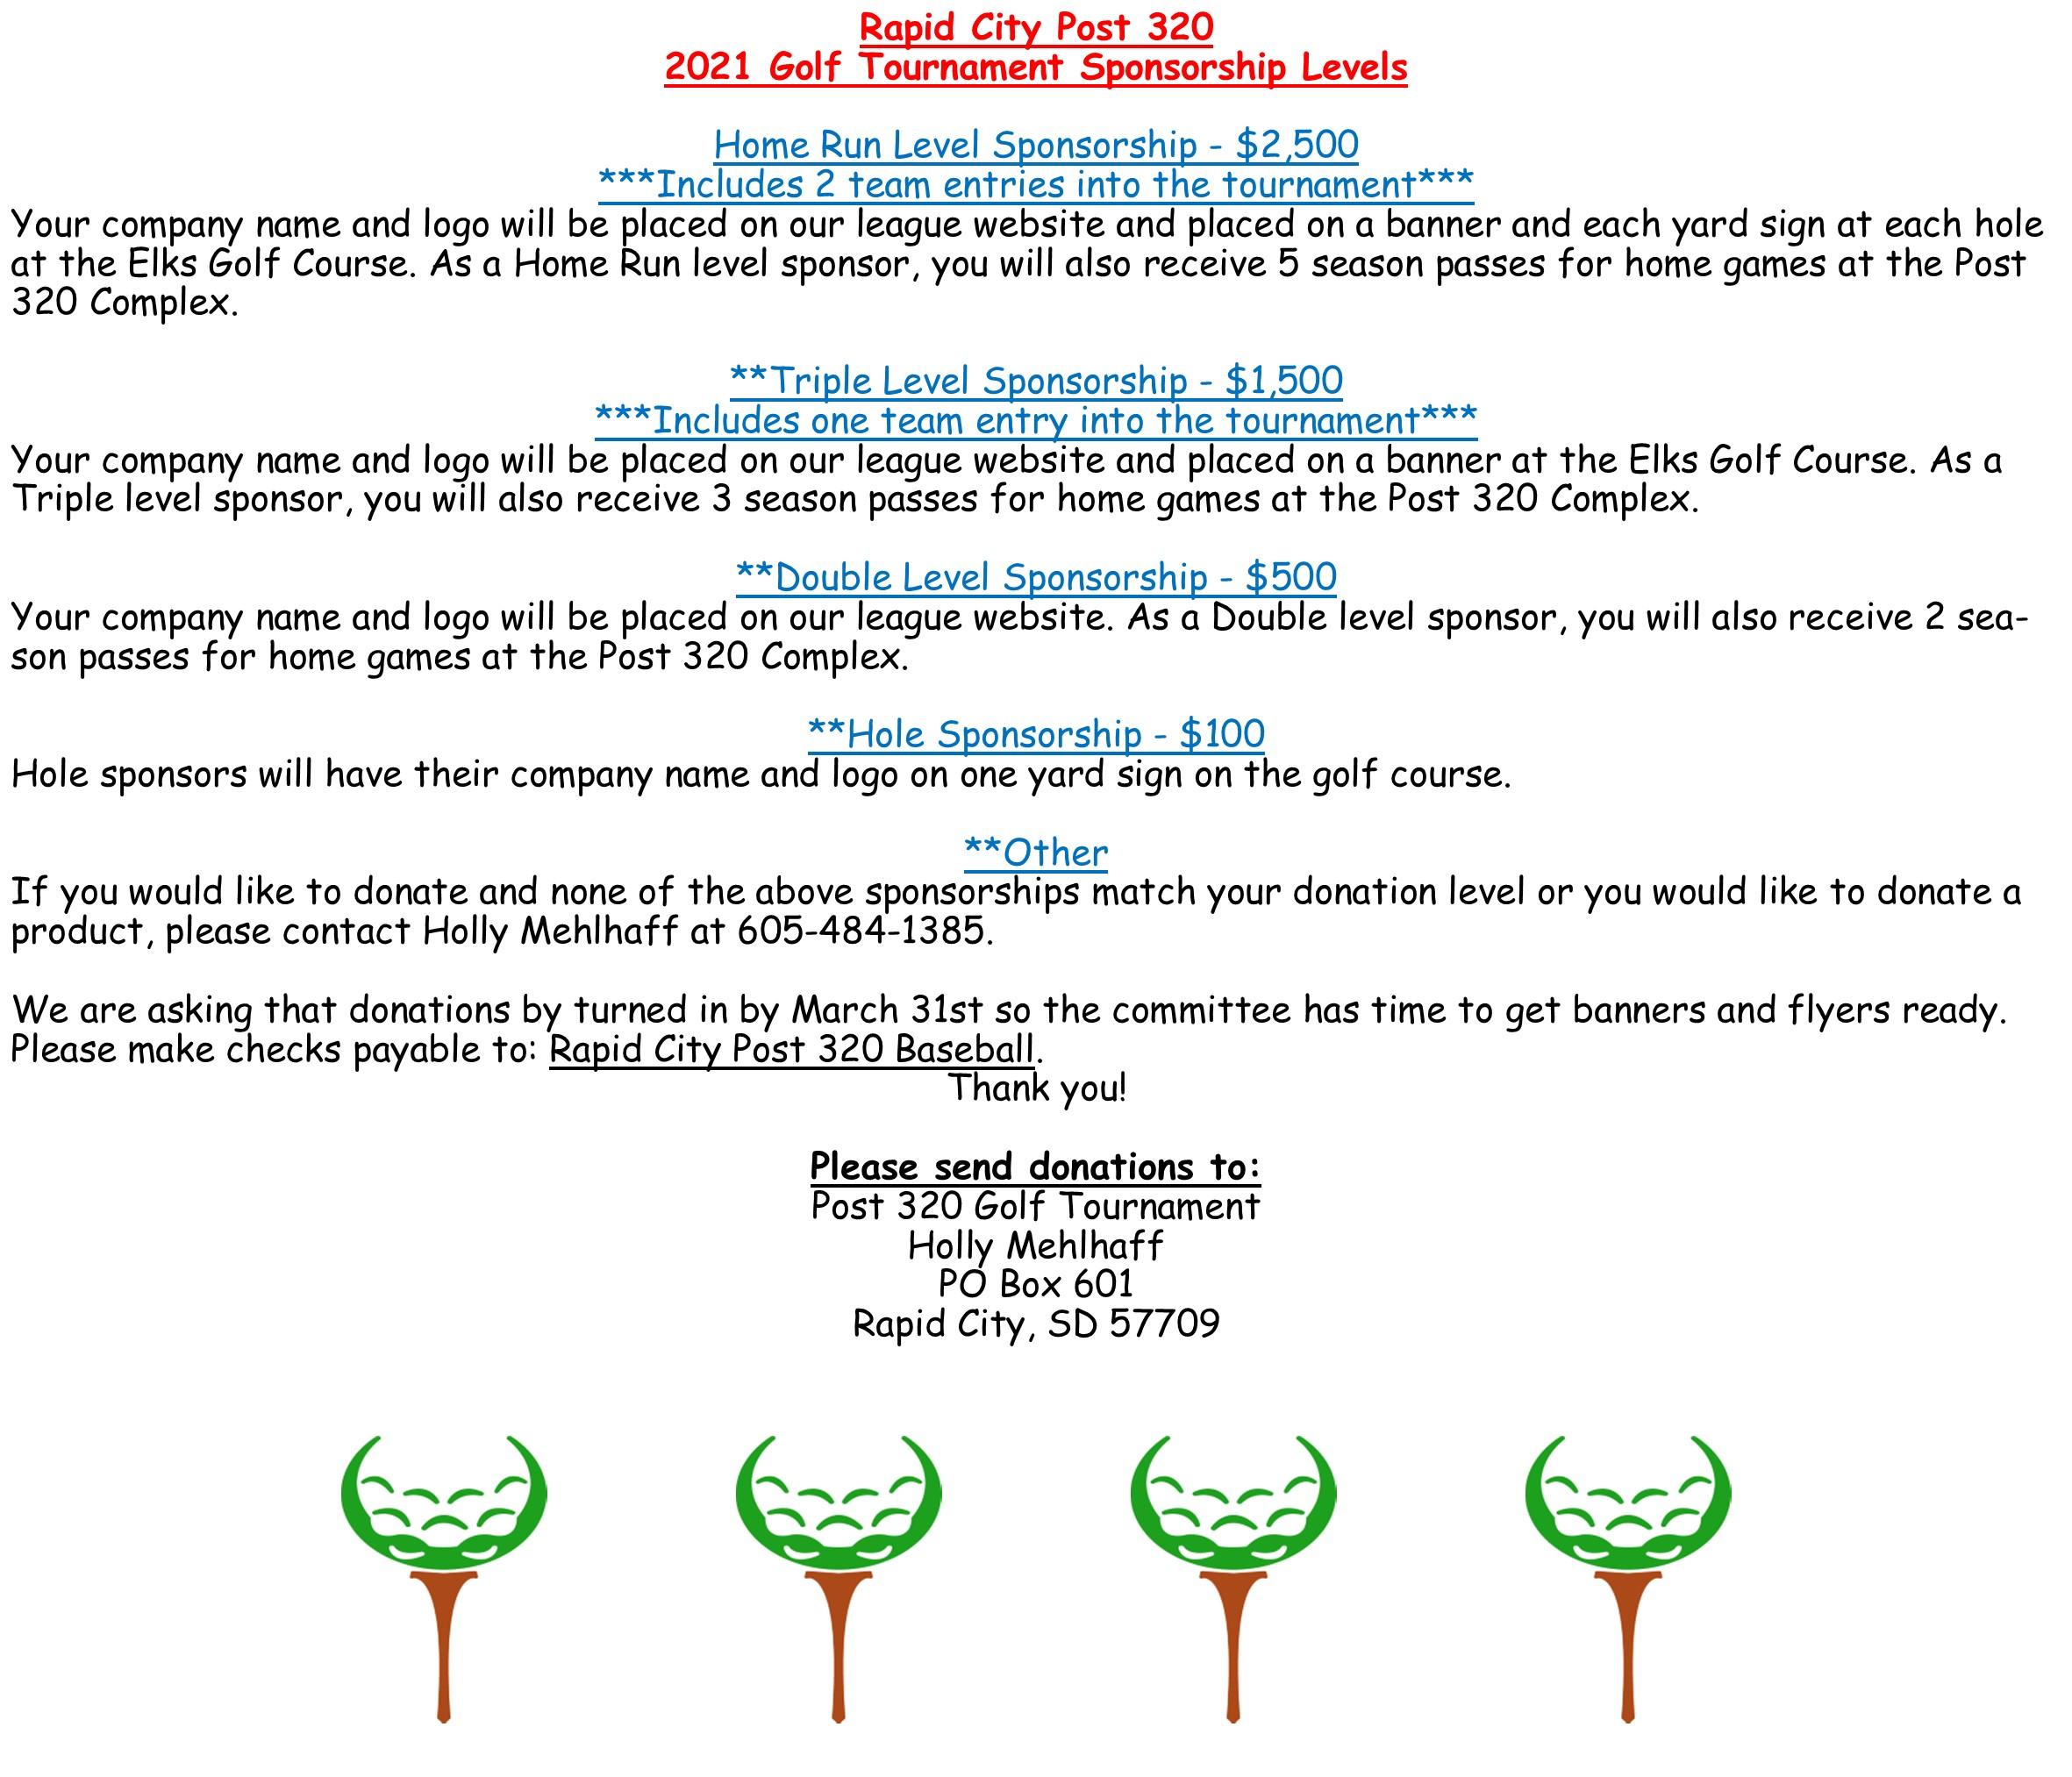 2021 Golf Tournament Sponsorships